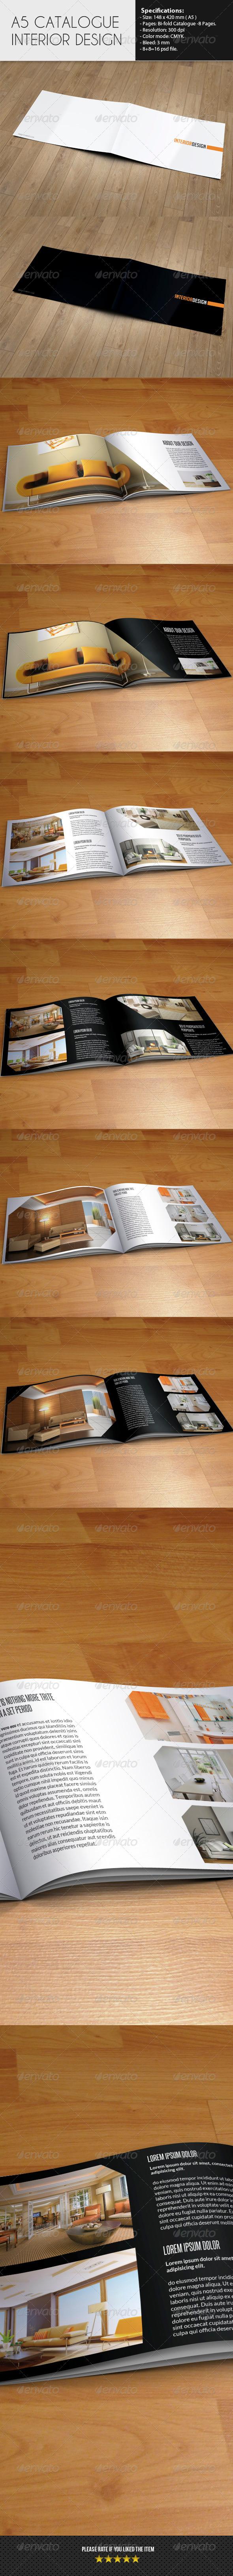 GraphicRiver Interior Catalogue 6095134